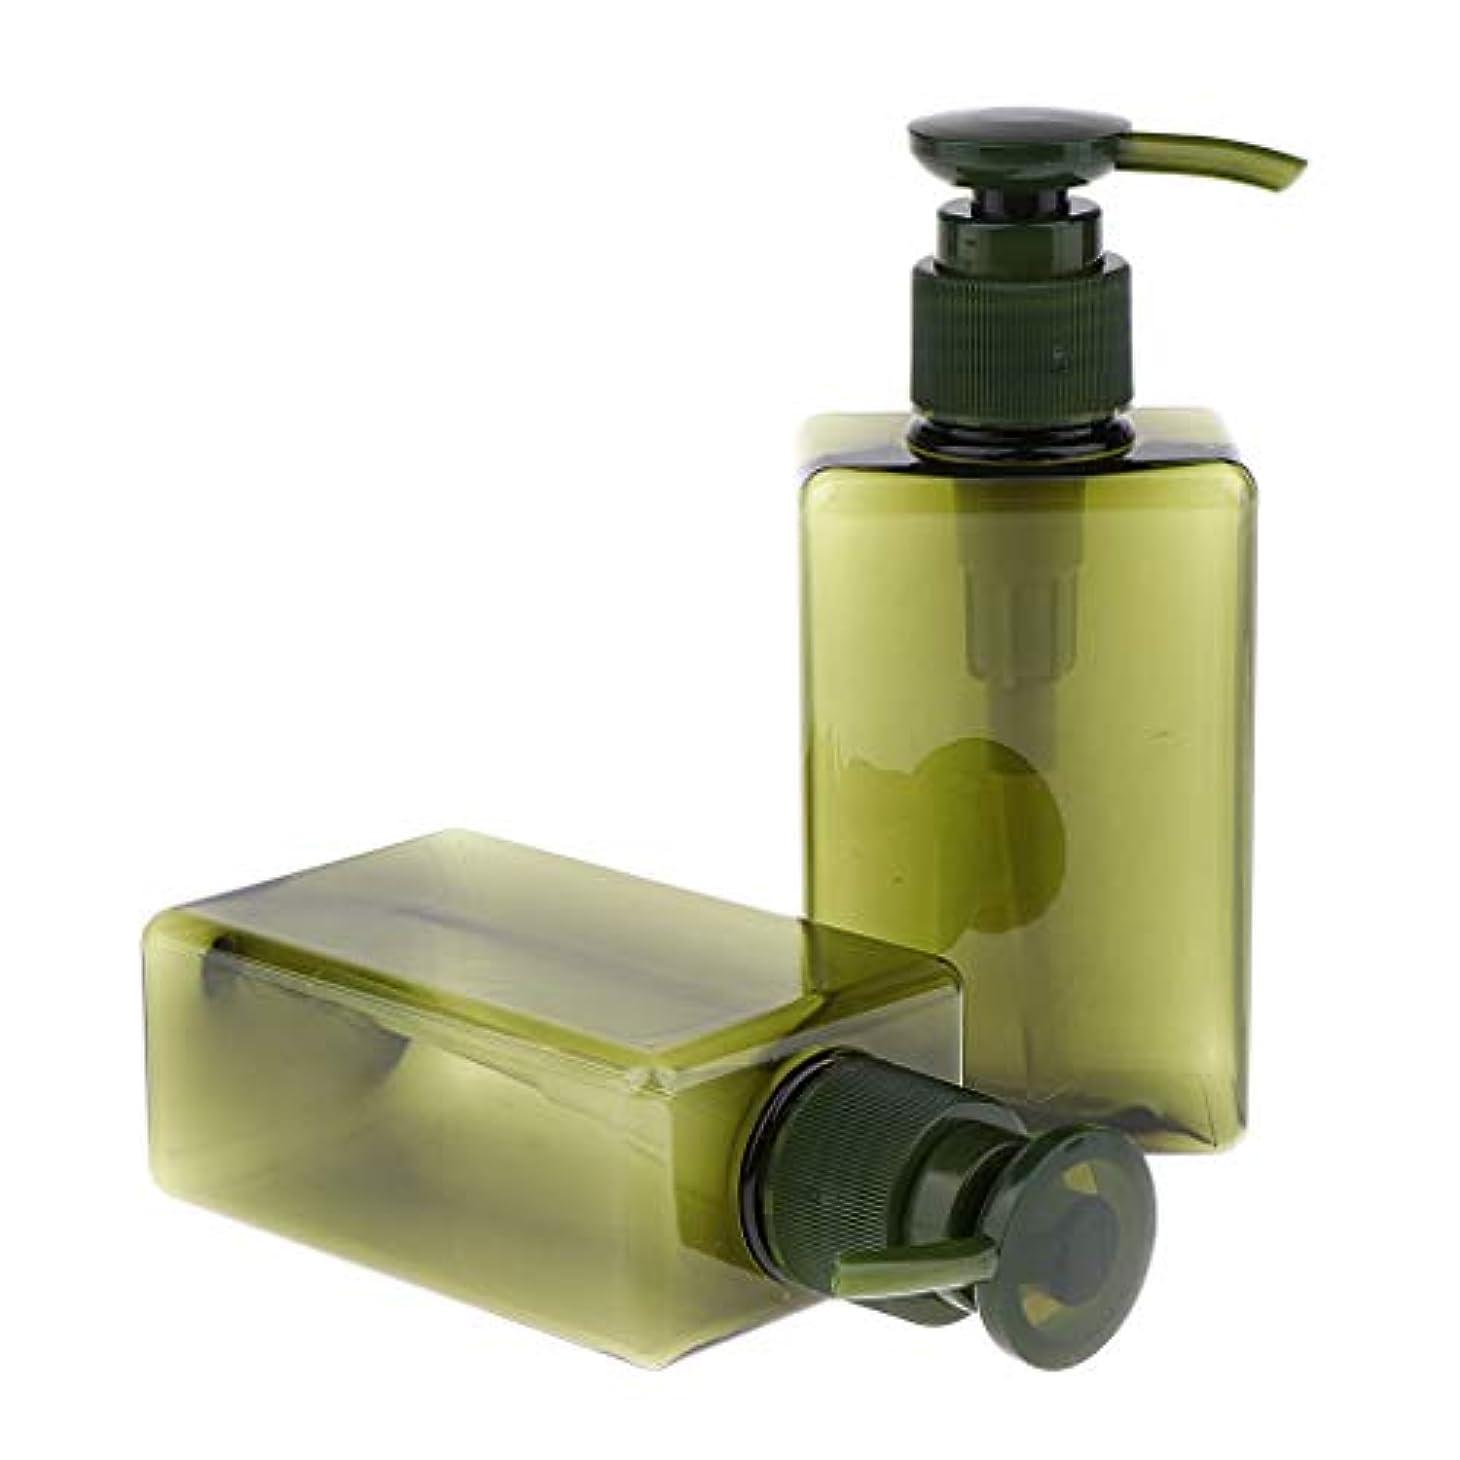 音節男らしい踊り子Sharplace 空ボトル ローションポンプボトル 詰め替え シャンプー用容器 150ml 漏れ防止 4色 - 緑